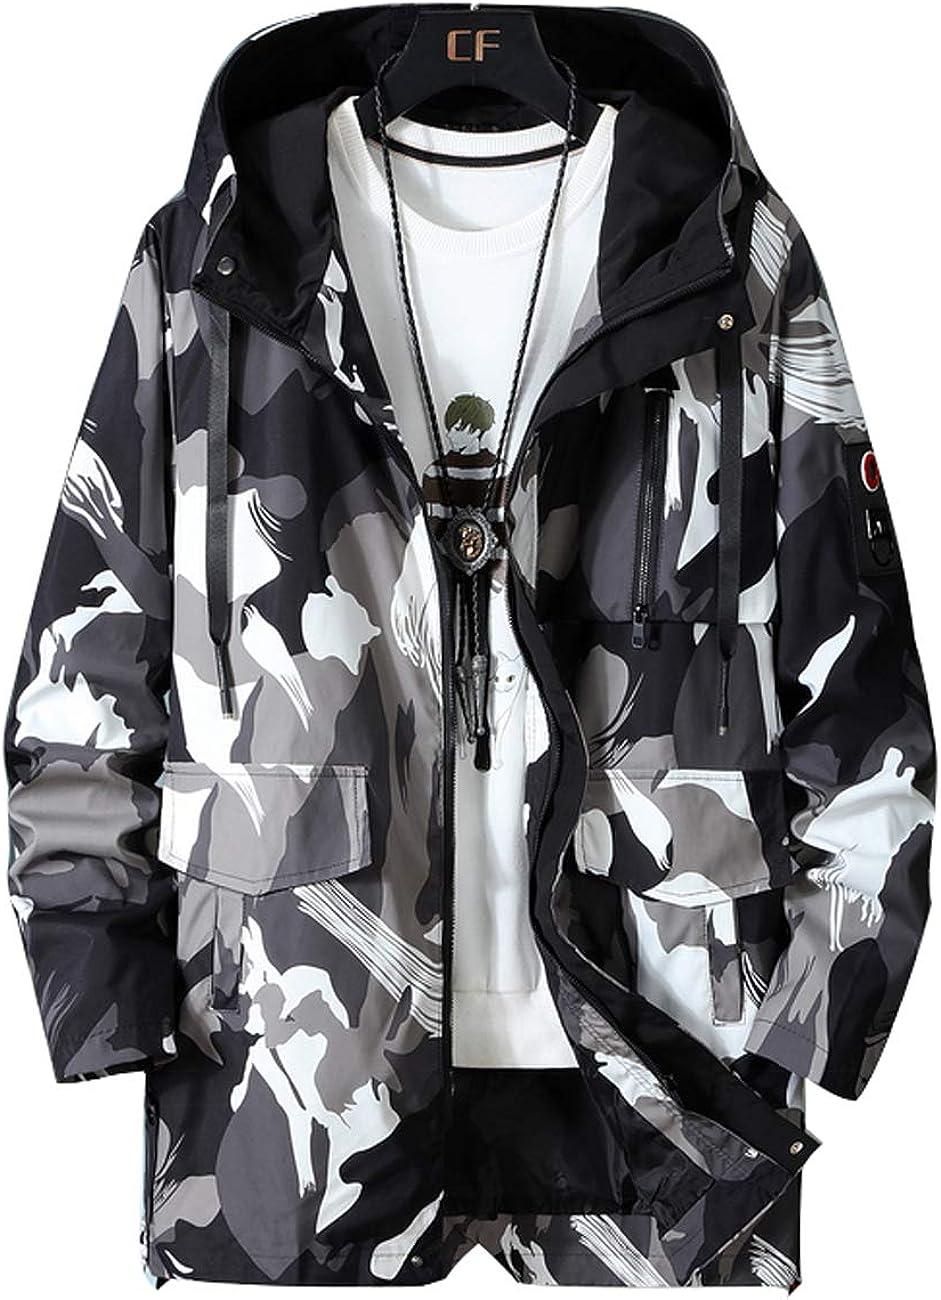 Zoulee Men's Waterproof Long Jacket Outdoor Hooded Trench Coat Raincoats